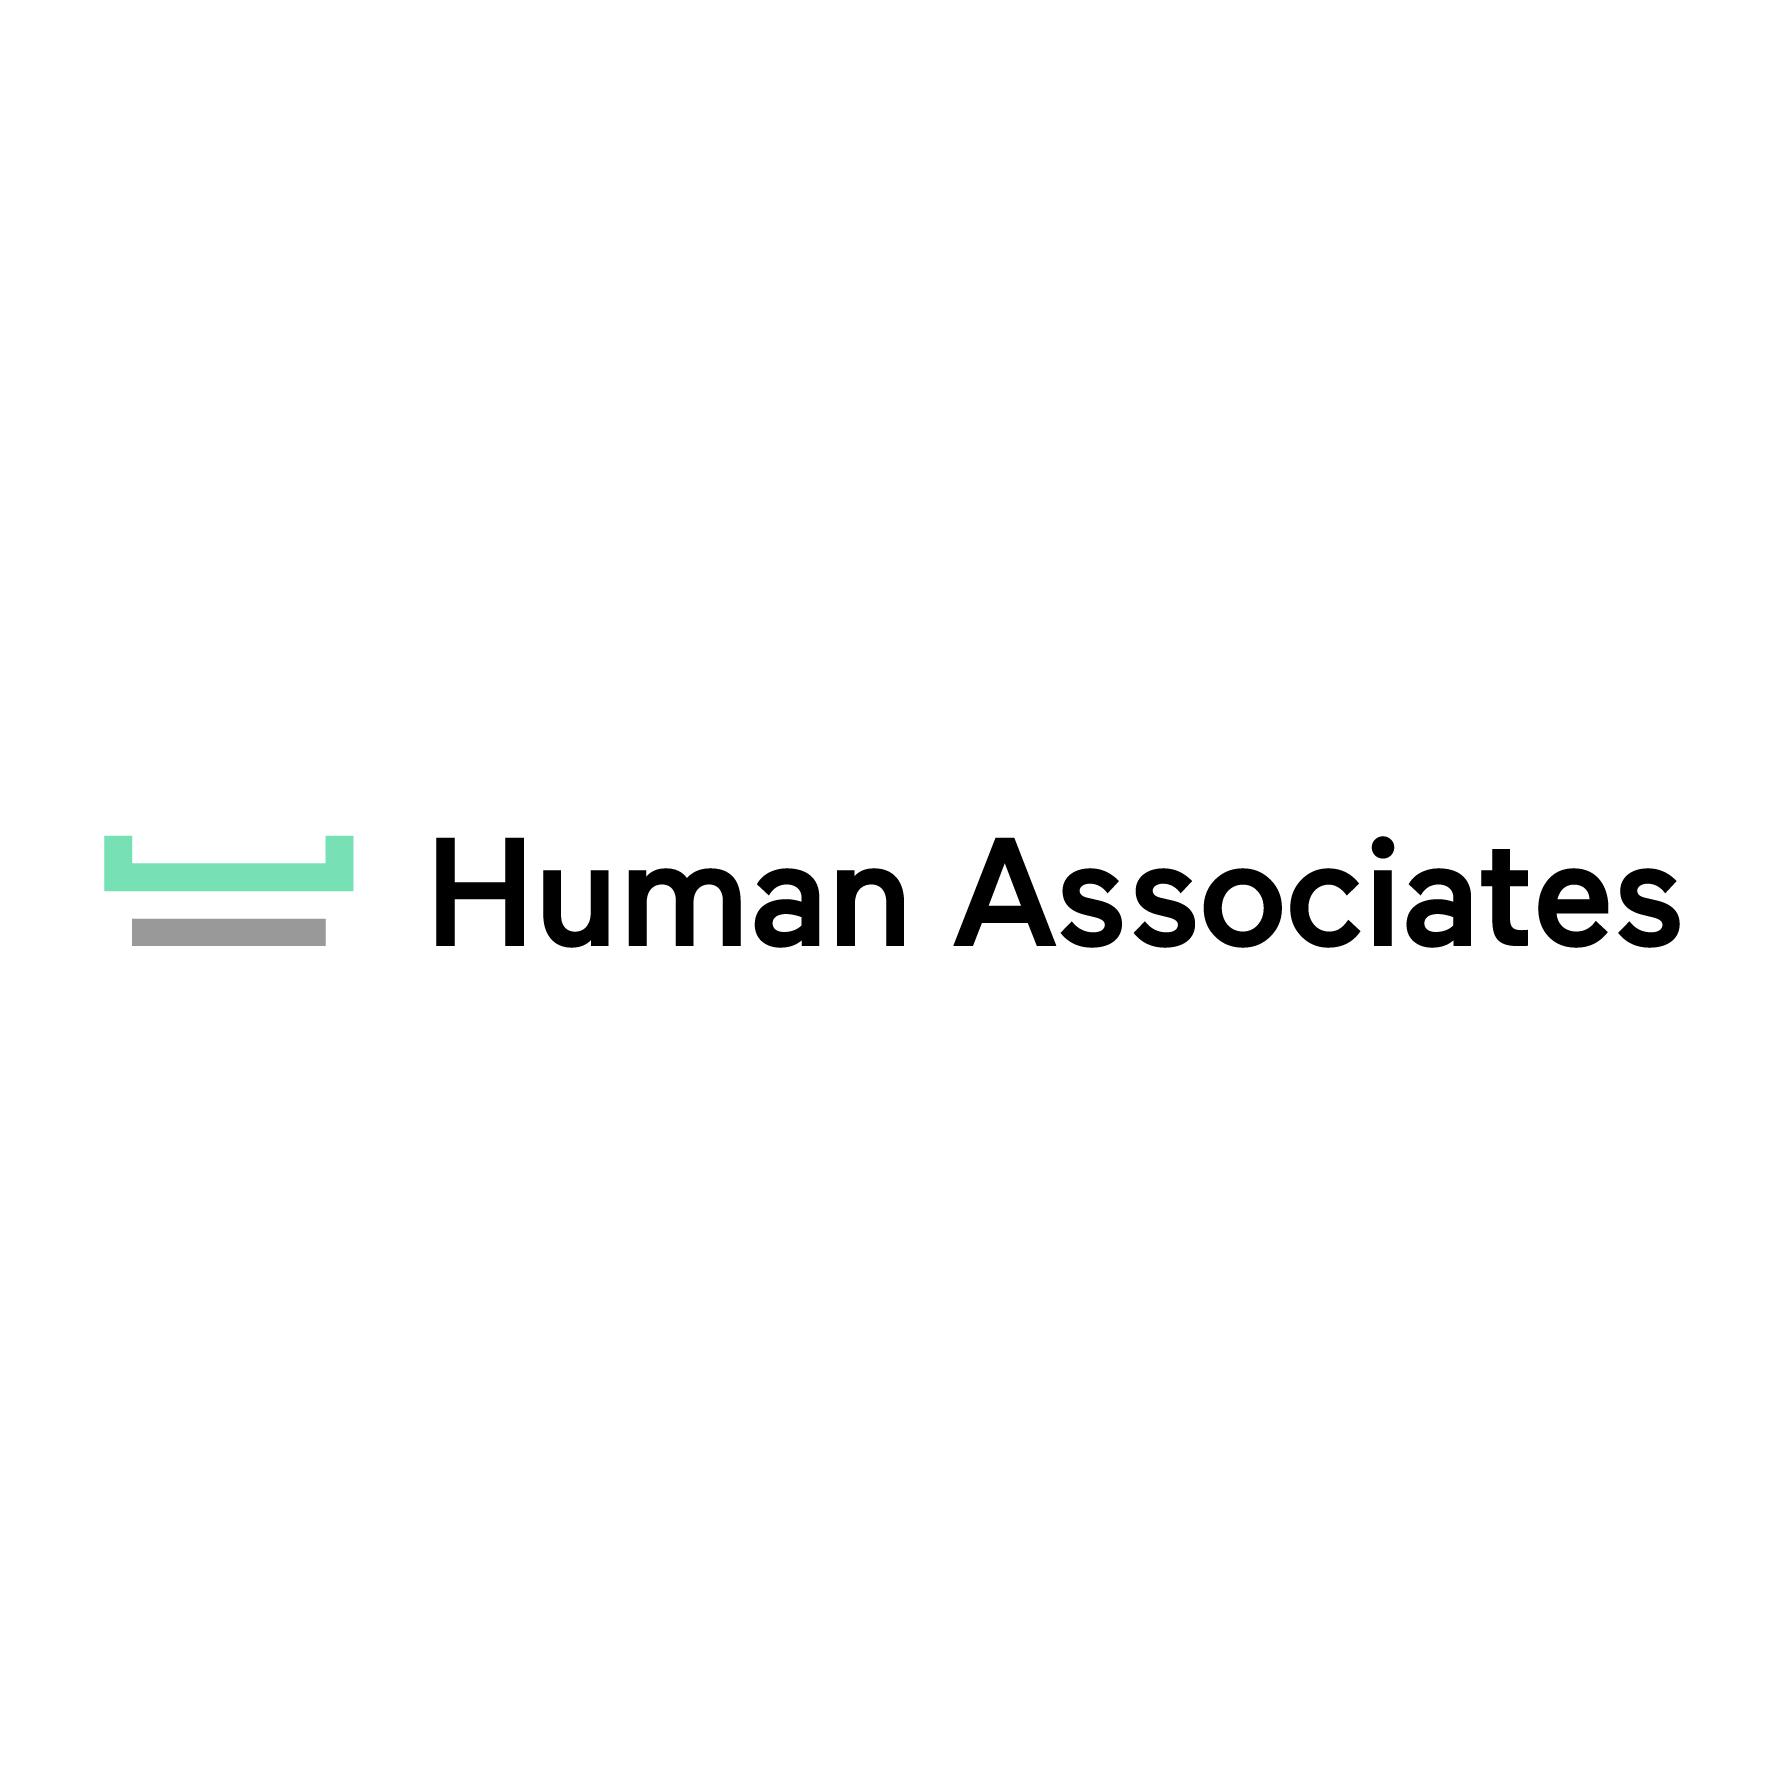 Human Associates03